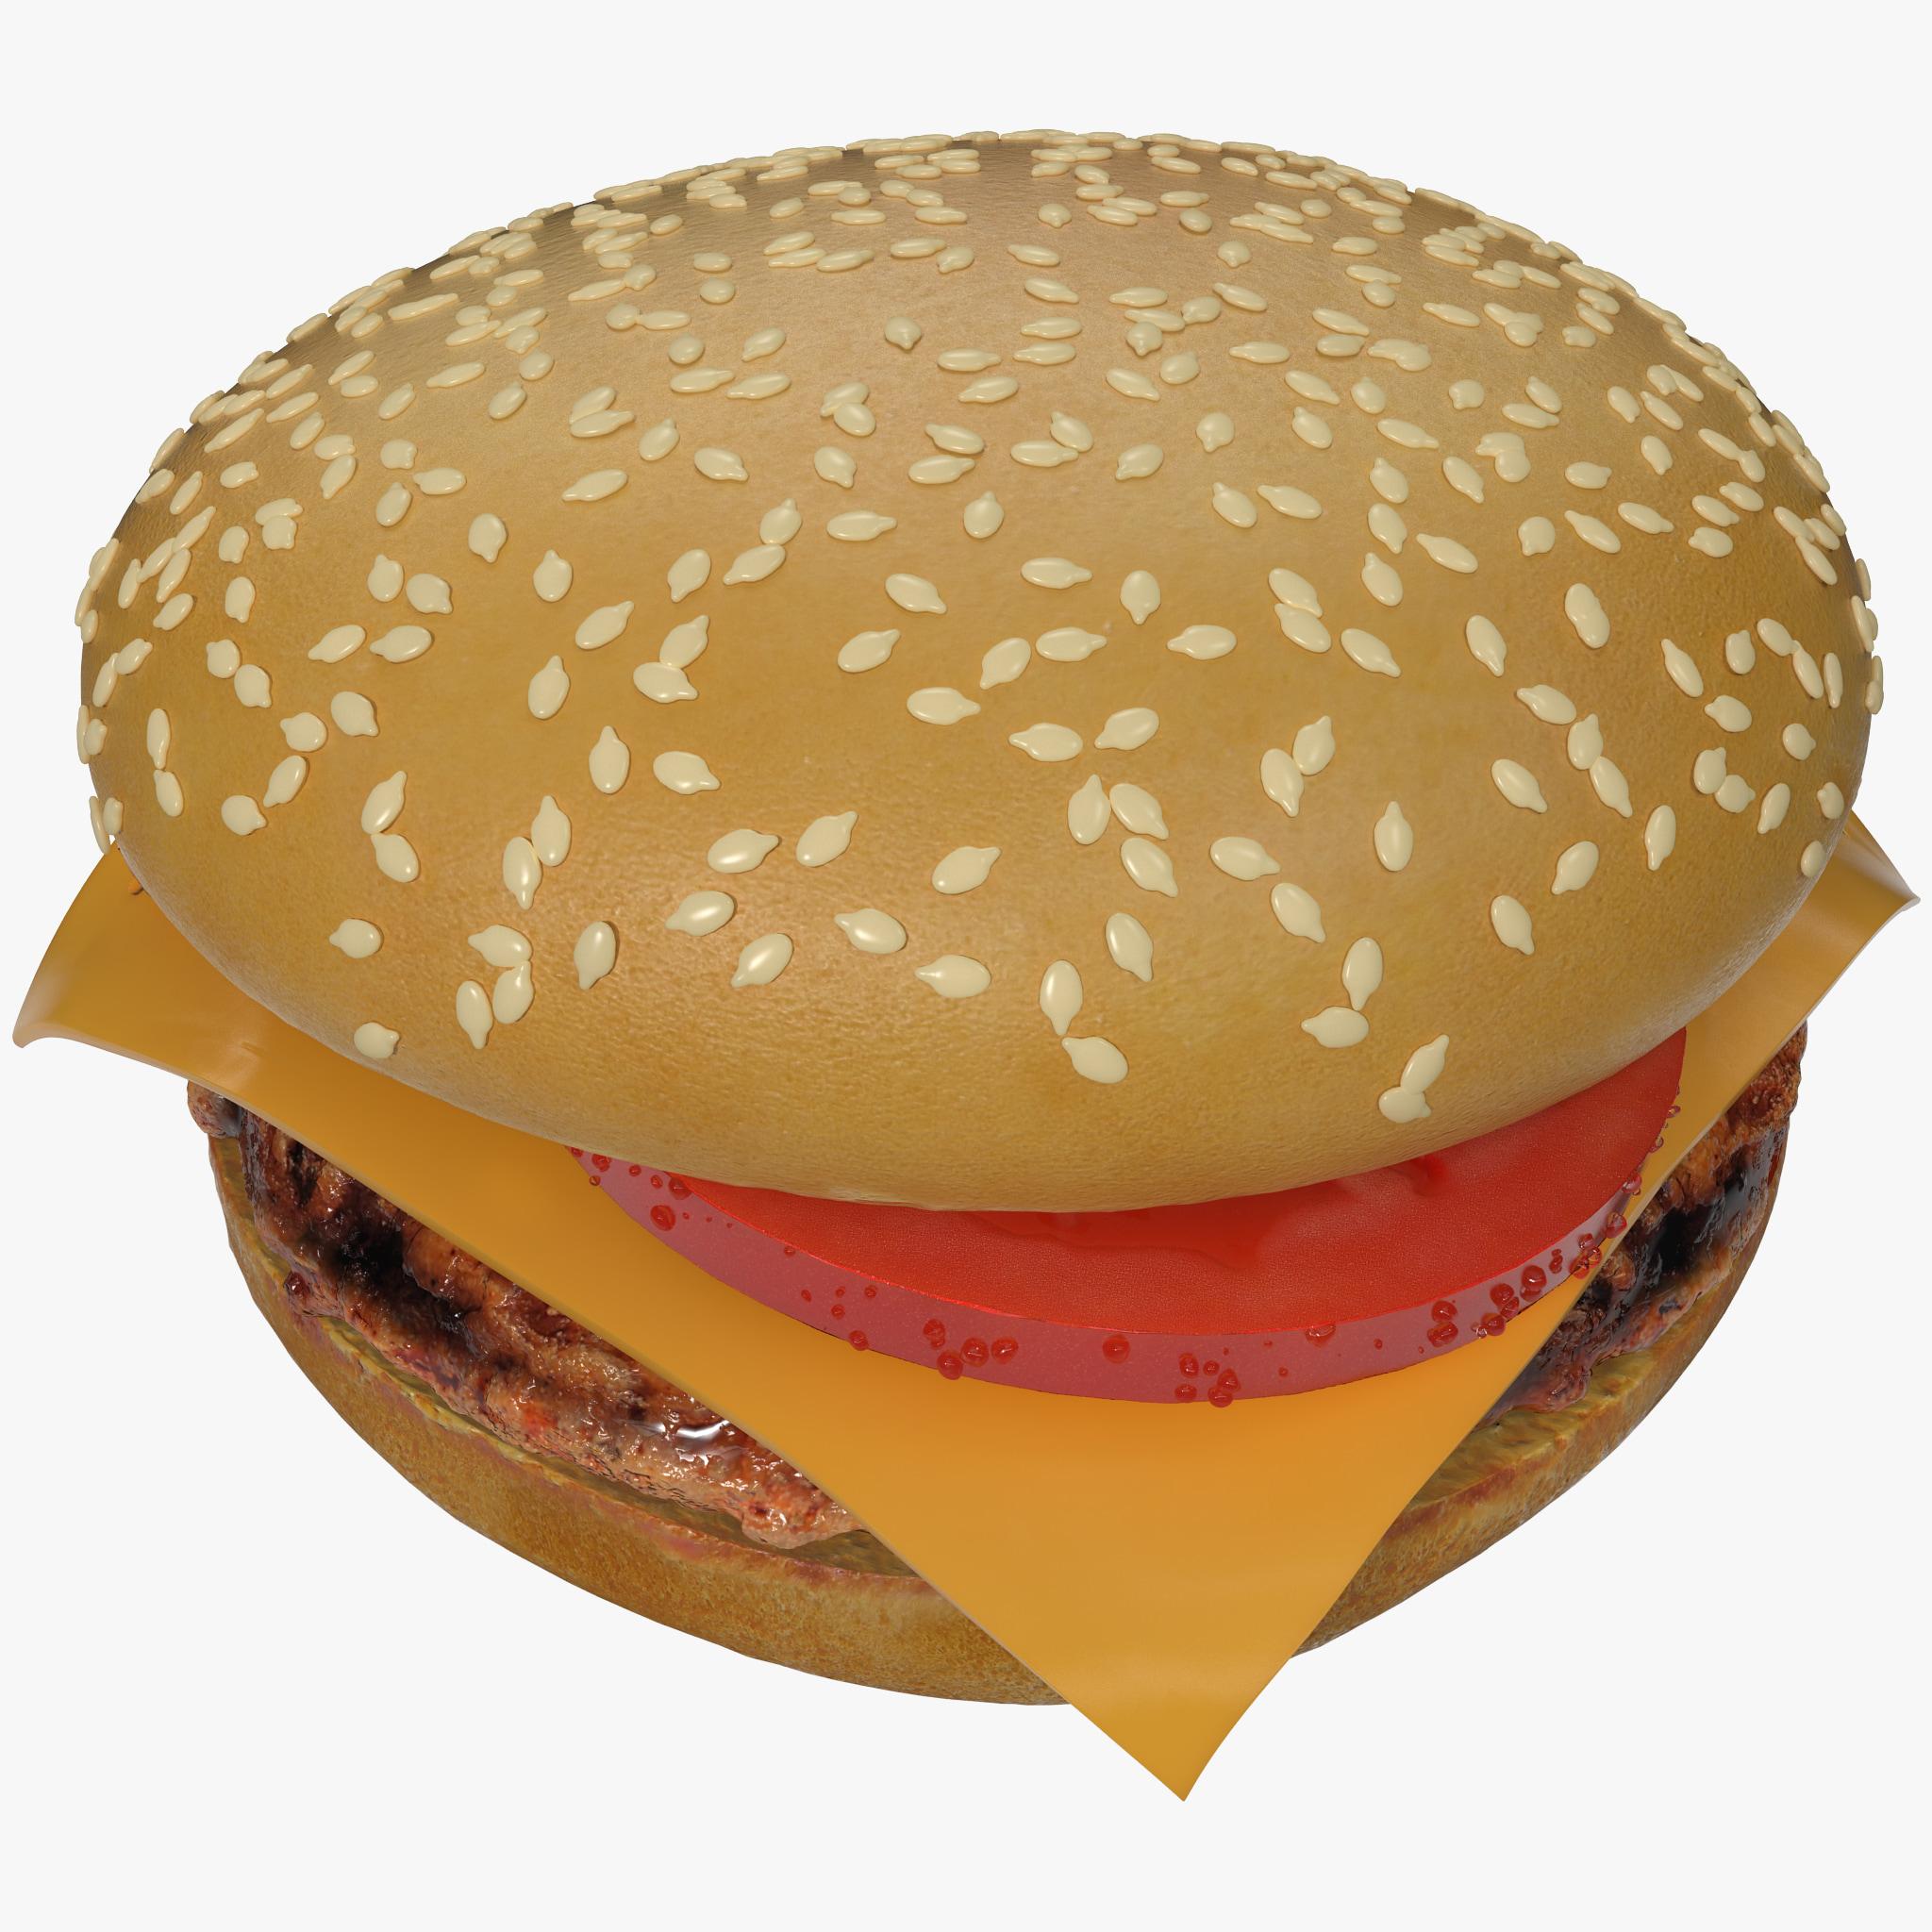 Hamburger 2_1.jpg